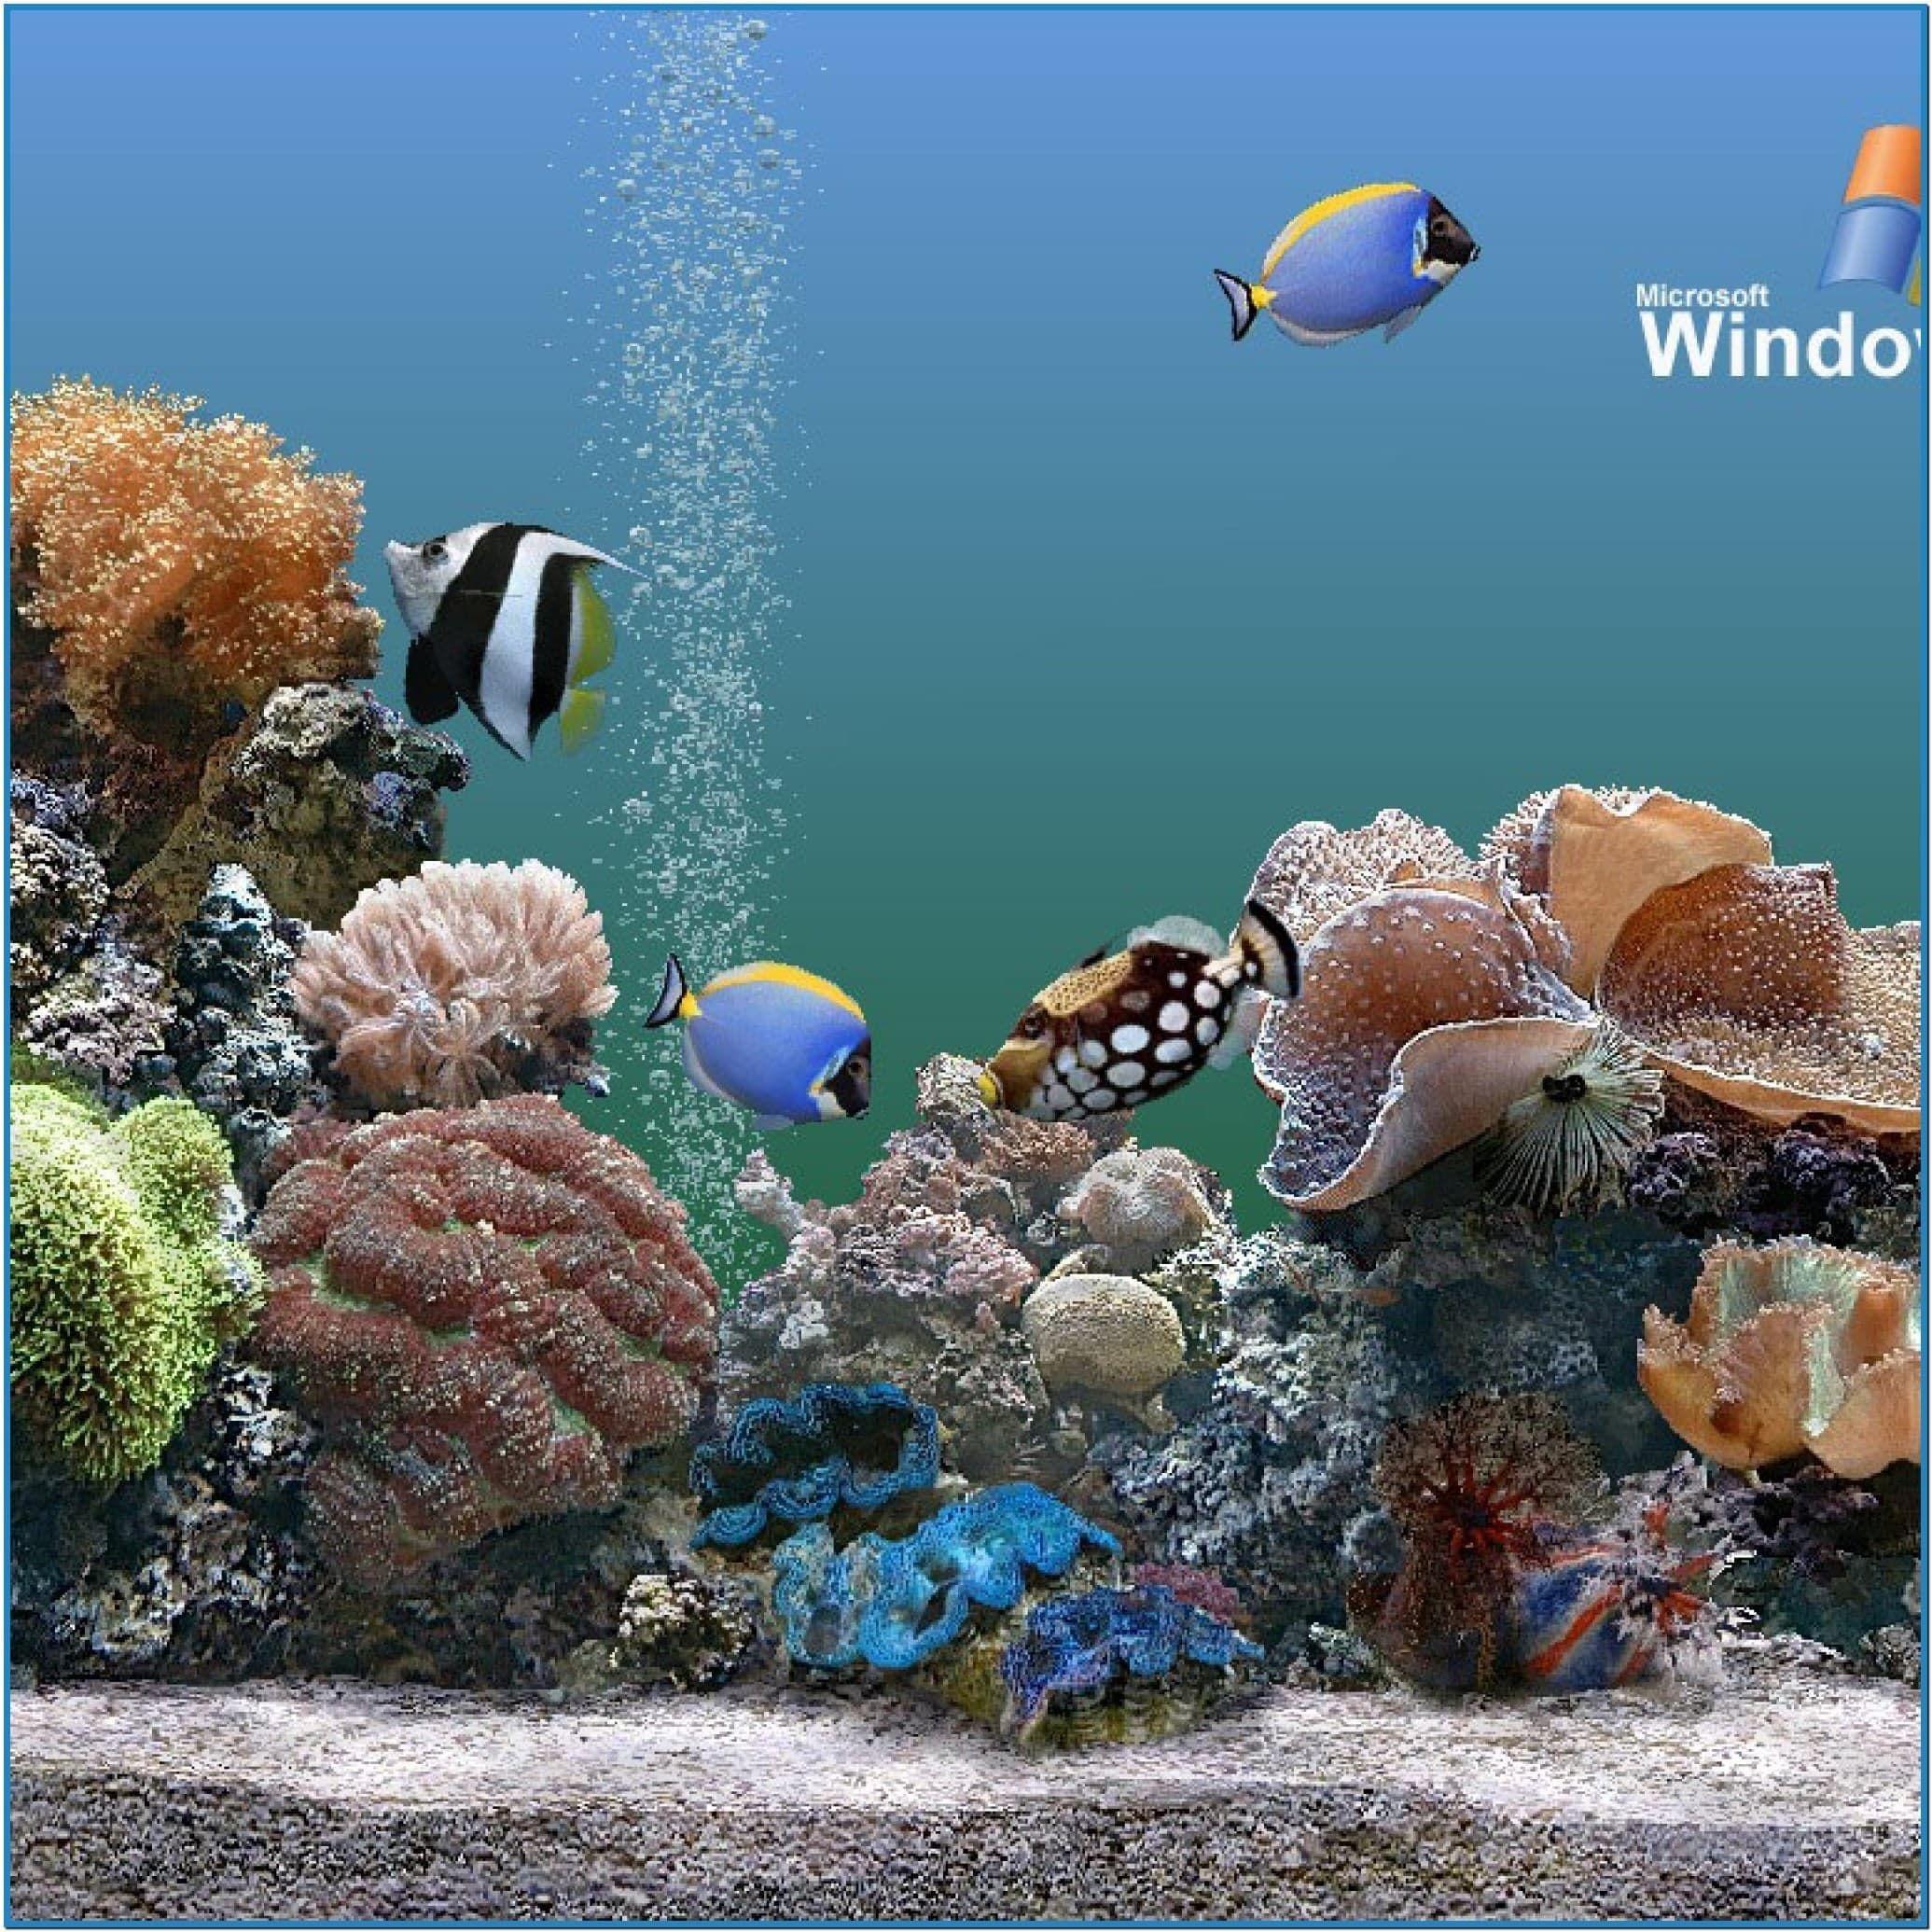 Aquarium Wallpaper IPad U2013 Free Download